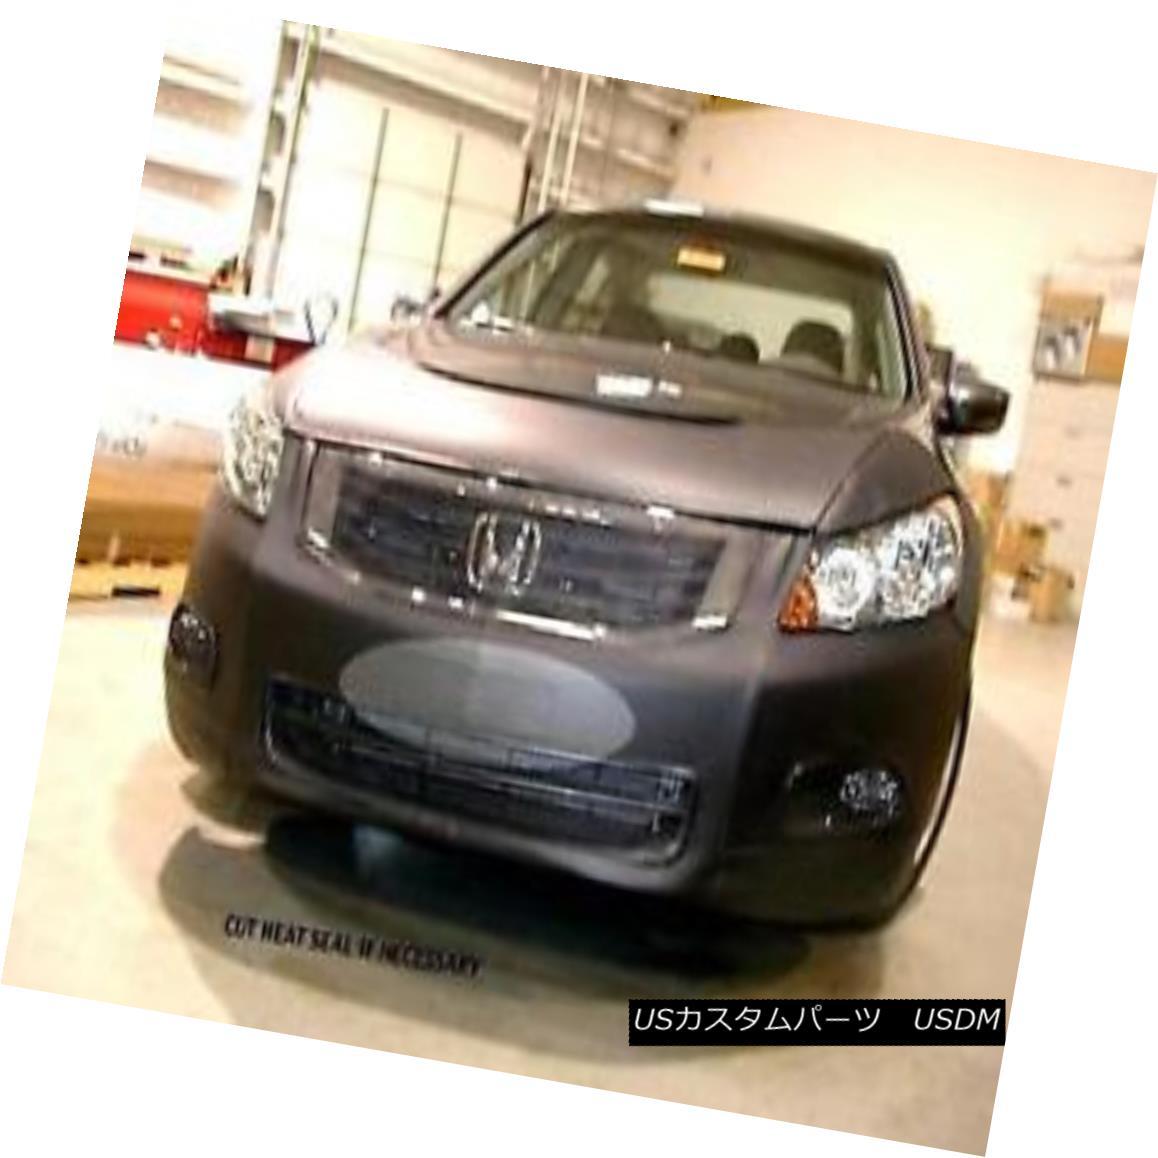 フルブラ ノーズブラ Lebra Front End Mask Bra Cover Fits 2008-2010 HONDA ACCORD Sedan with Fog Lights Lebraフロントエンドマスクブラジャーカバー2008-2010 HONDA ACCORDセダンフォグライト付き